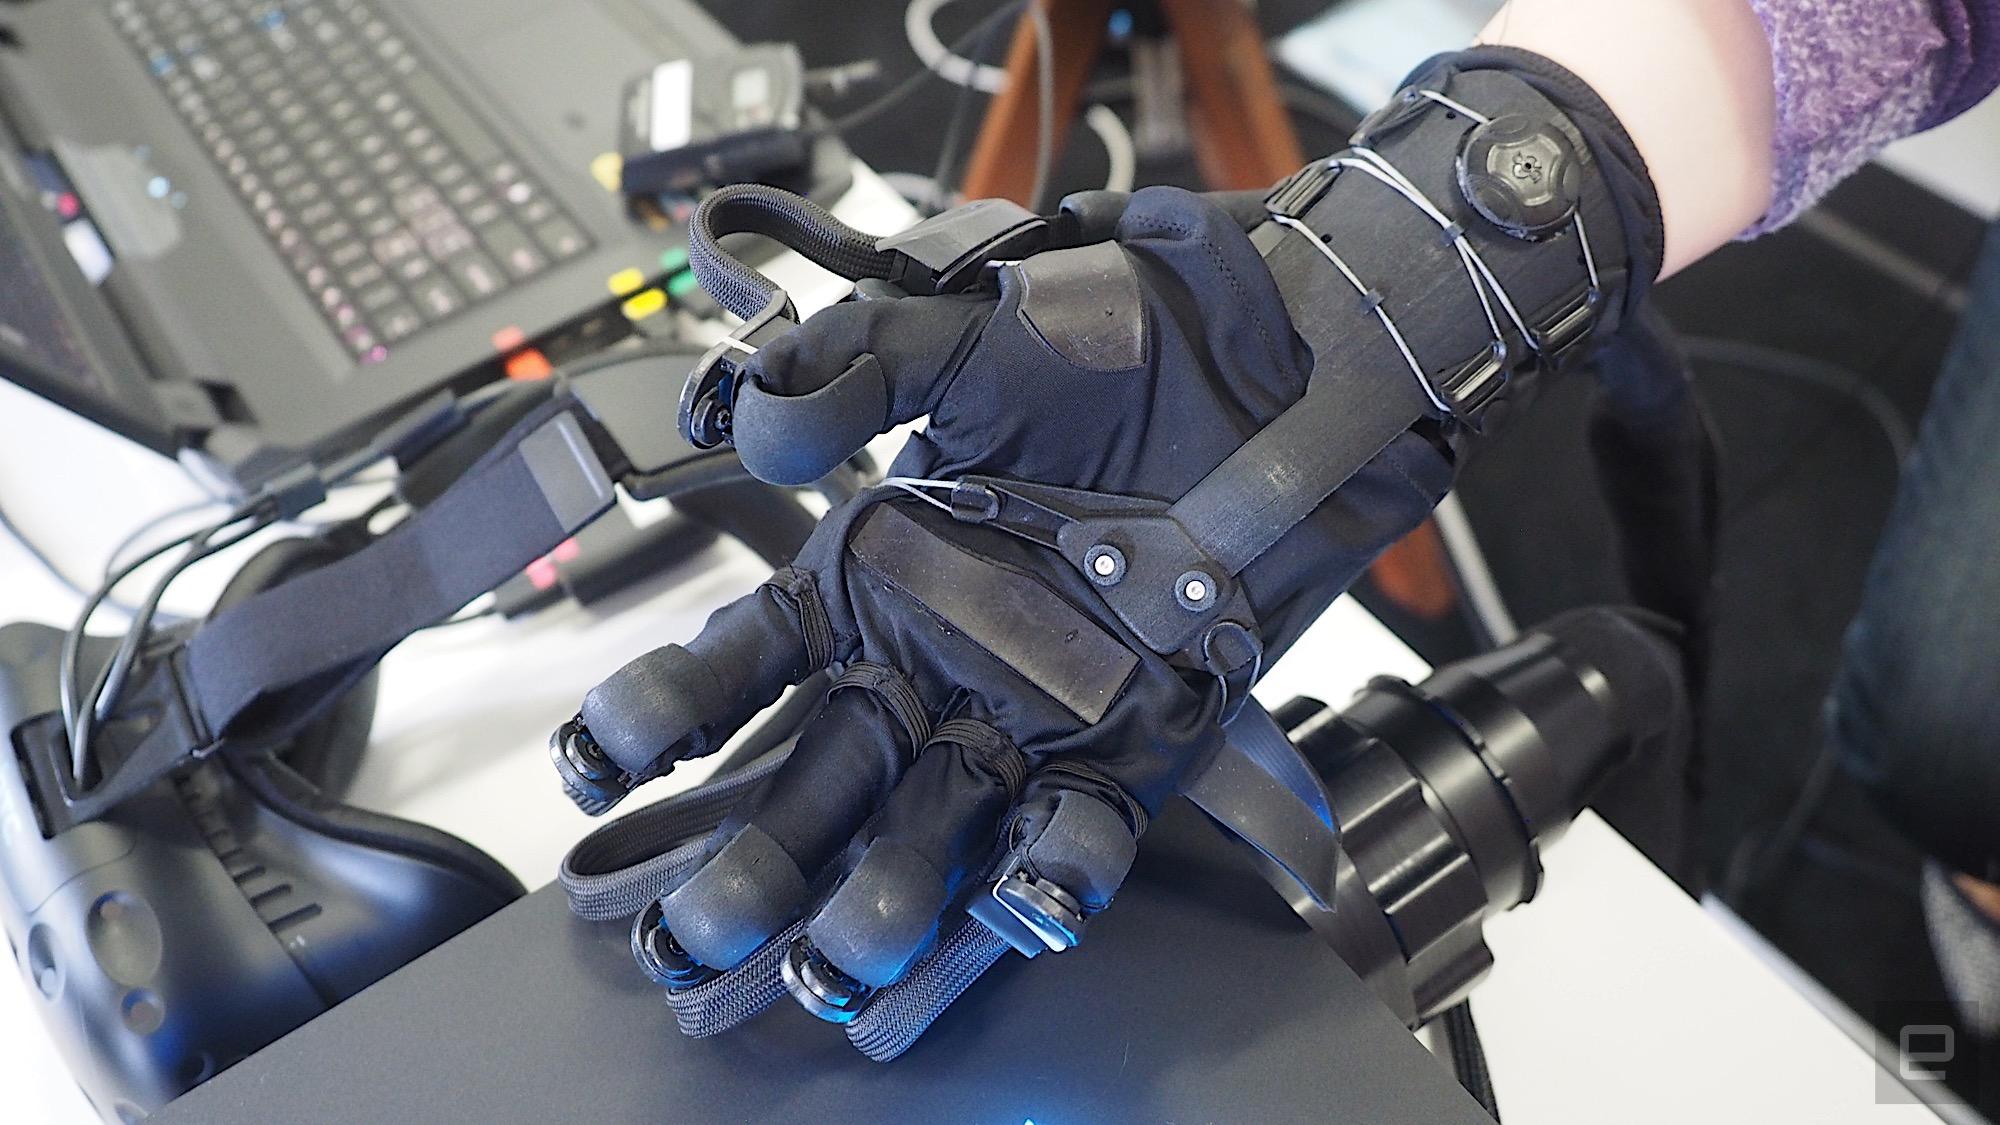 HaptX promete hacer que tus manos virtuales se sientan como reales. Sin embargo, los guantes son bastante voluminosos.